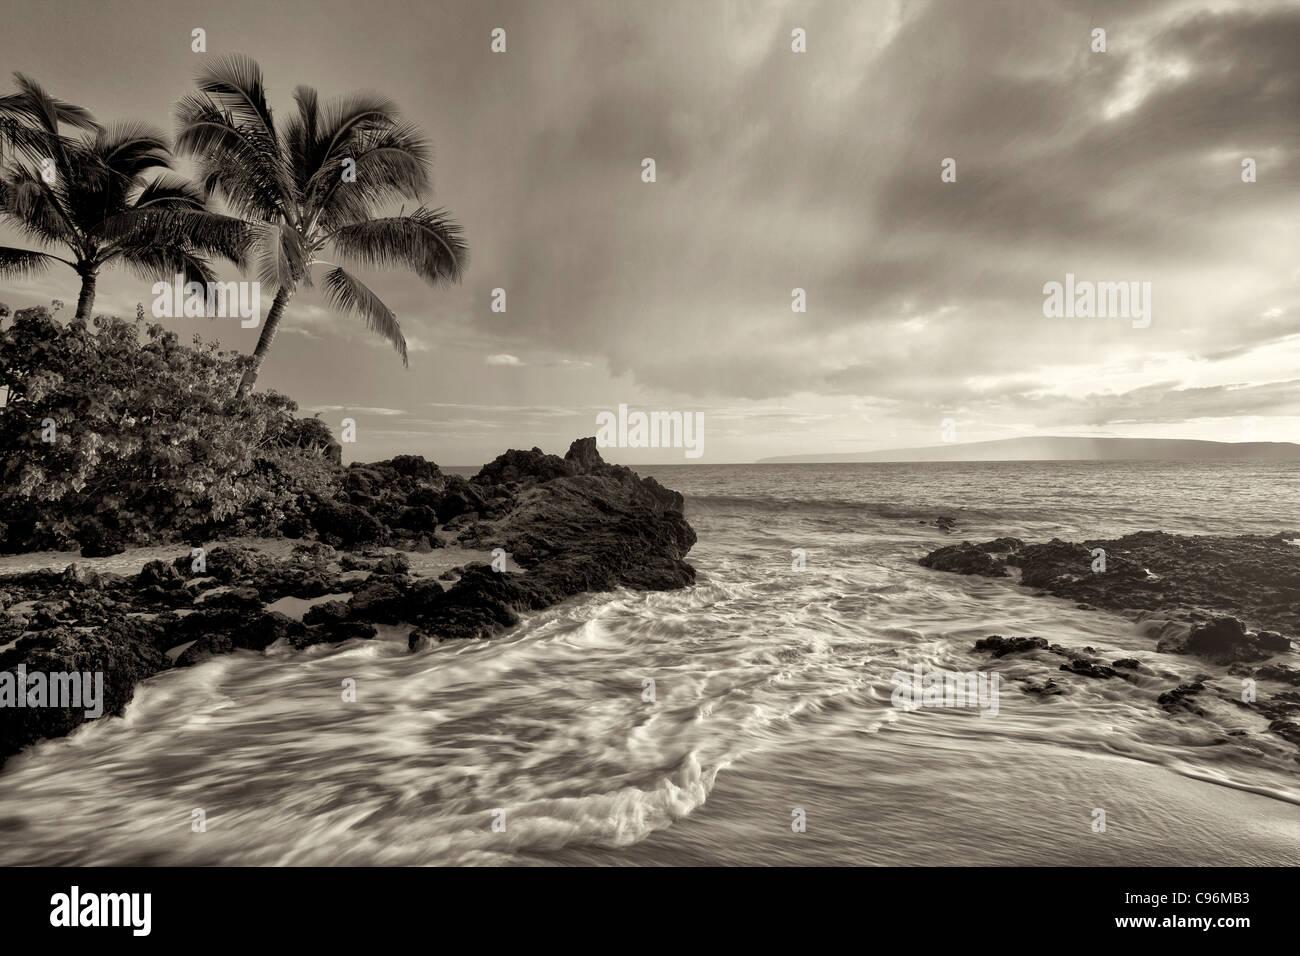 Sonnenuntergang und Welle mit Palmen. Maui, Hawaii. Stockbild